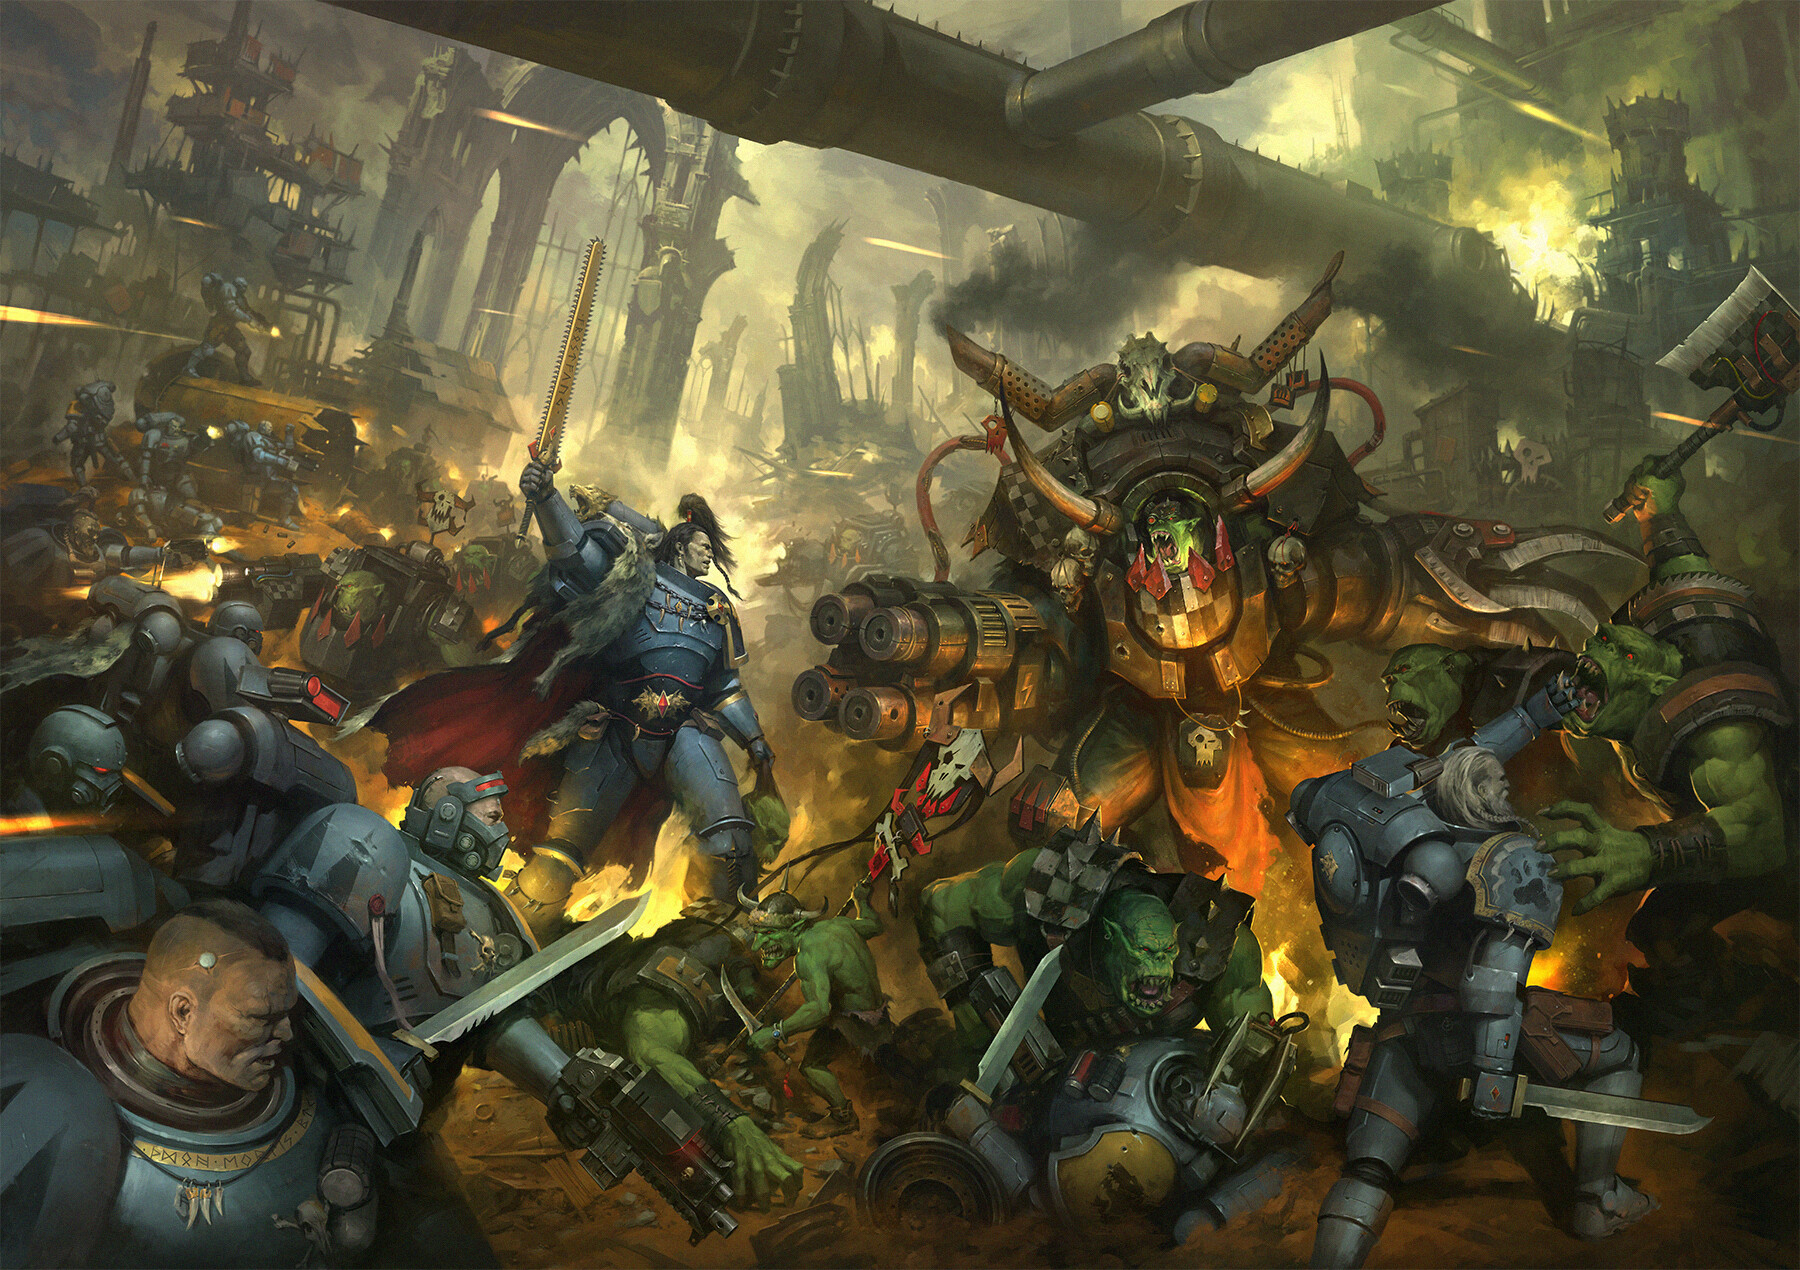 General 1800x1270 Warhammer 40,000 Games Workshop Space Marine space marines ork orks Waaaaagghhh space wolves